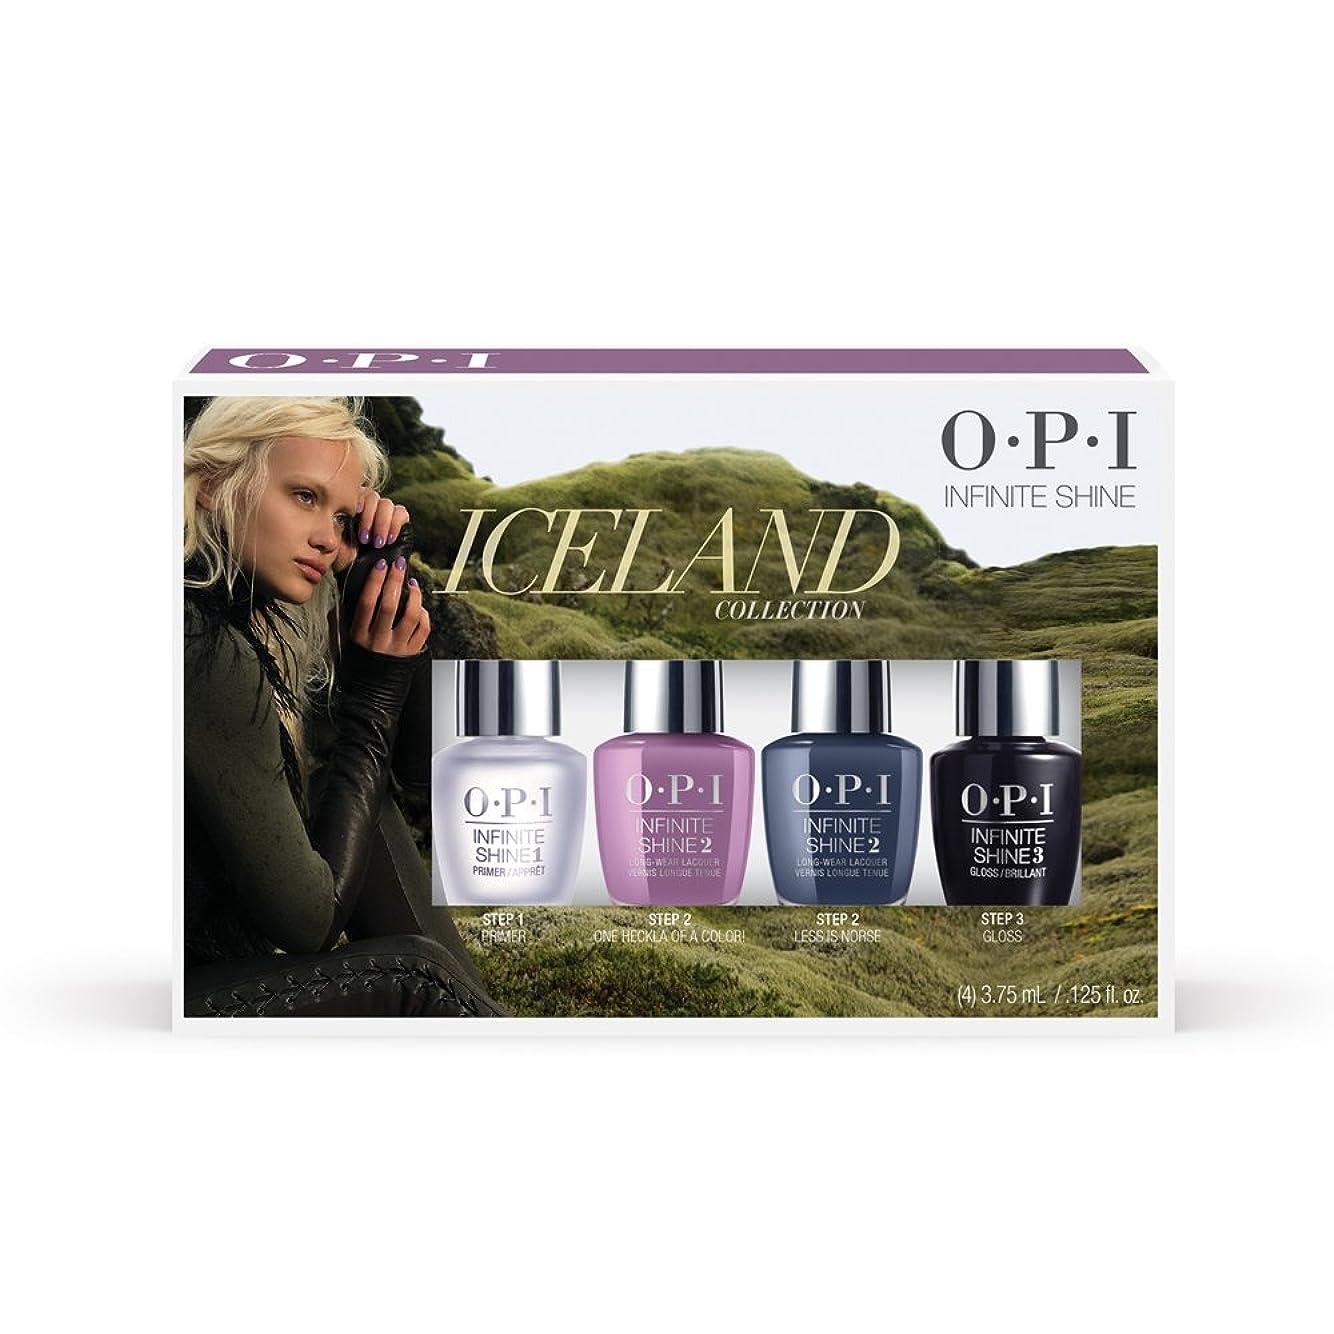 修羅場管理広々としたOPI(オーピーアイ) アイスランド コレクション インフィニット シャイン ミニパック